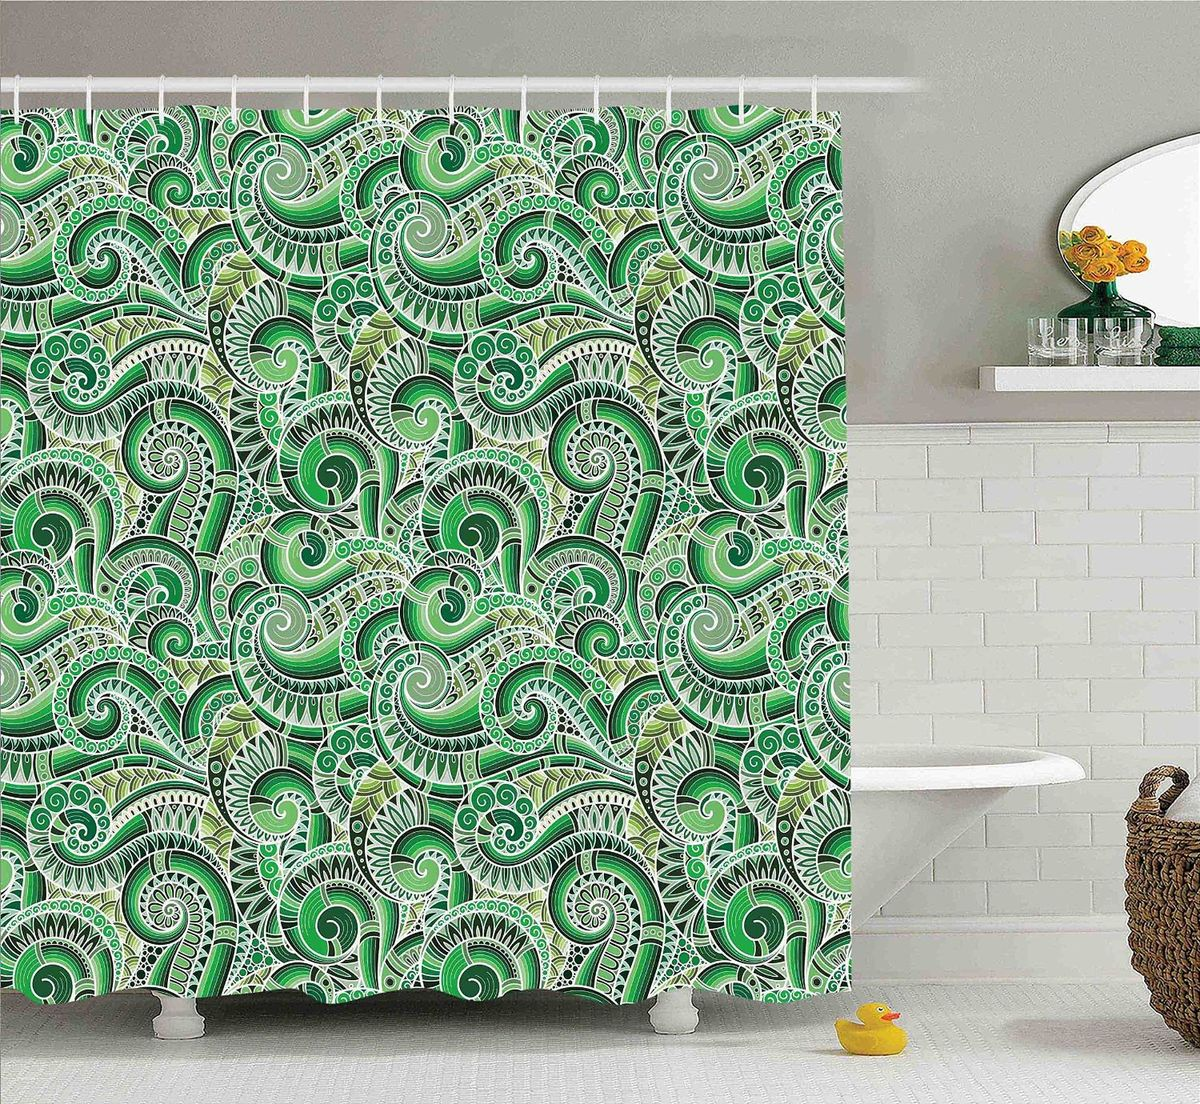 Штора для ванной комнаты Magic Lady Зеленые узоры, 180 х 200 смшв_10225Штора Magic Lady Зеленые узоры, изготовленная из высококачественного сатена (полиэстер 100%), отлично дополнит любой интерьер ванной комнаты. При изготовлении используются специальные гипоаллергенные чернила для прямой печати по ткани, безопасные для человека.В комплекте: 1 штора, 12 крючков. Обращаем ваше внимание, фактический цвет изделия может незначительно отличаться от представленного на фото.